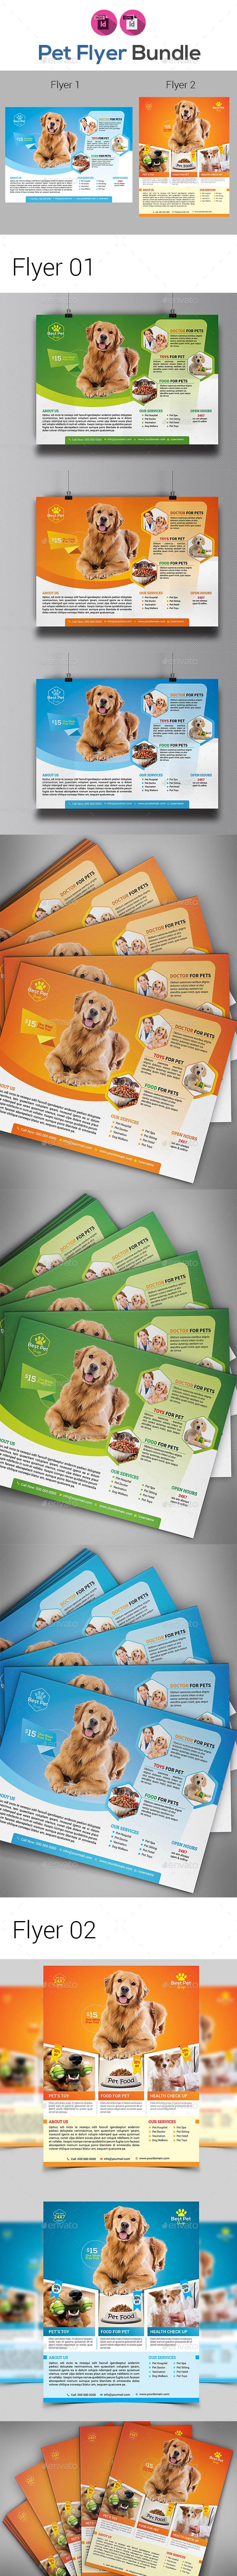 Pet Shop Bundle Templates - Corporate Flyers